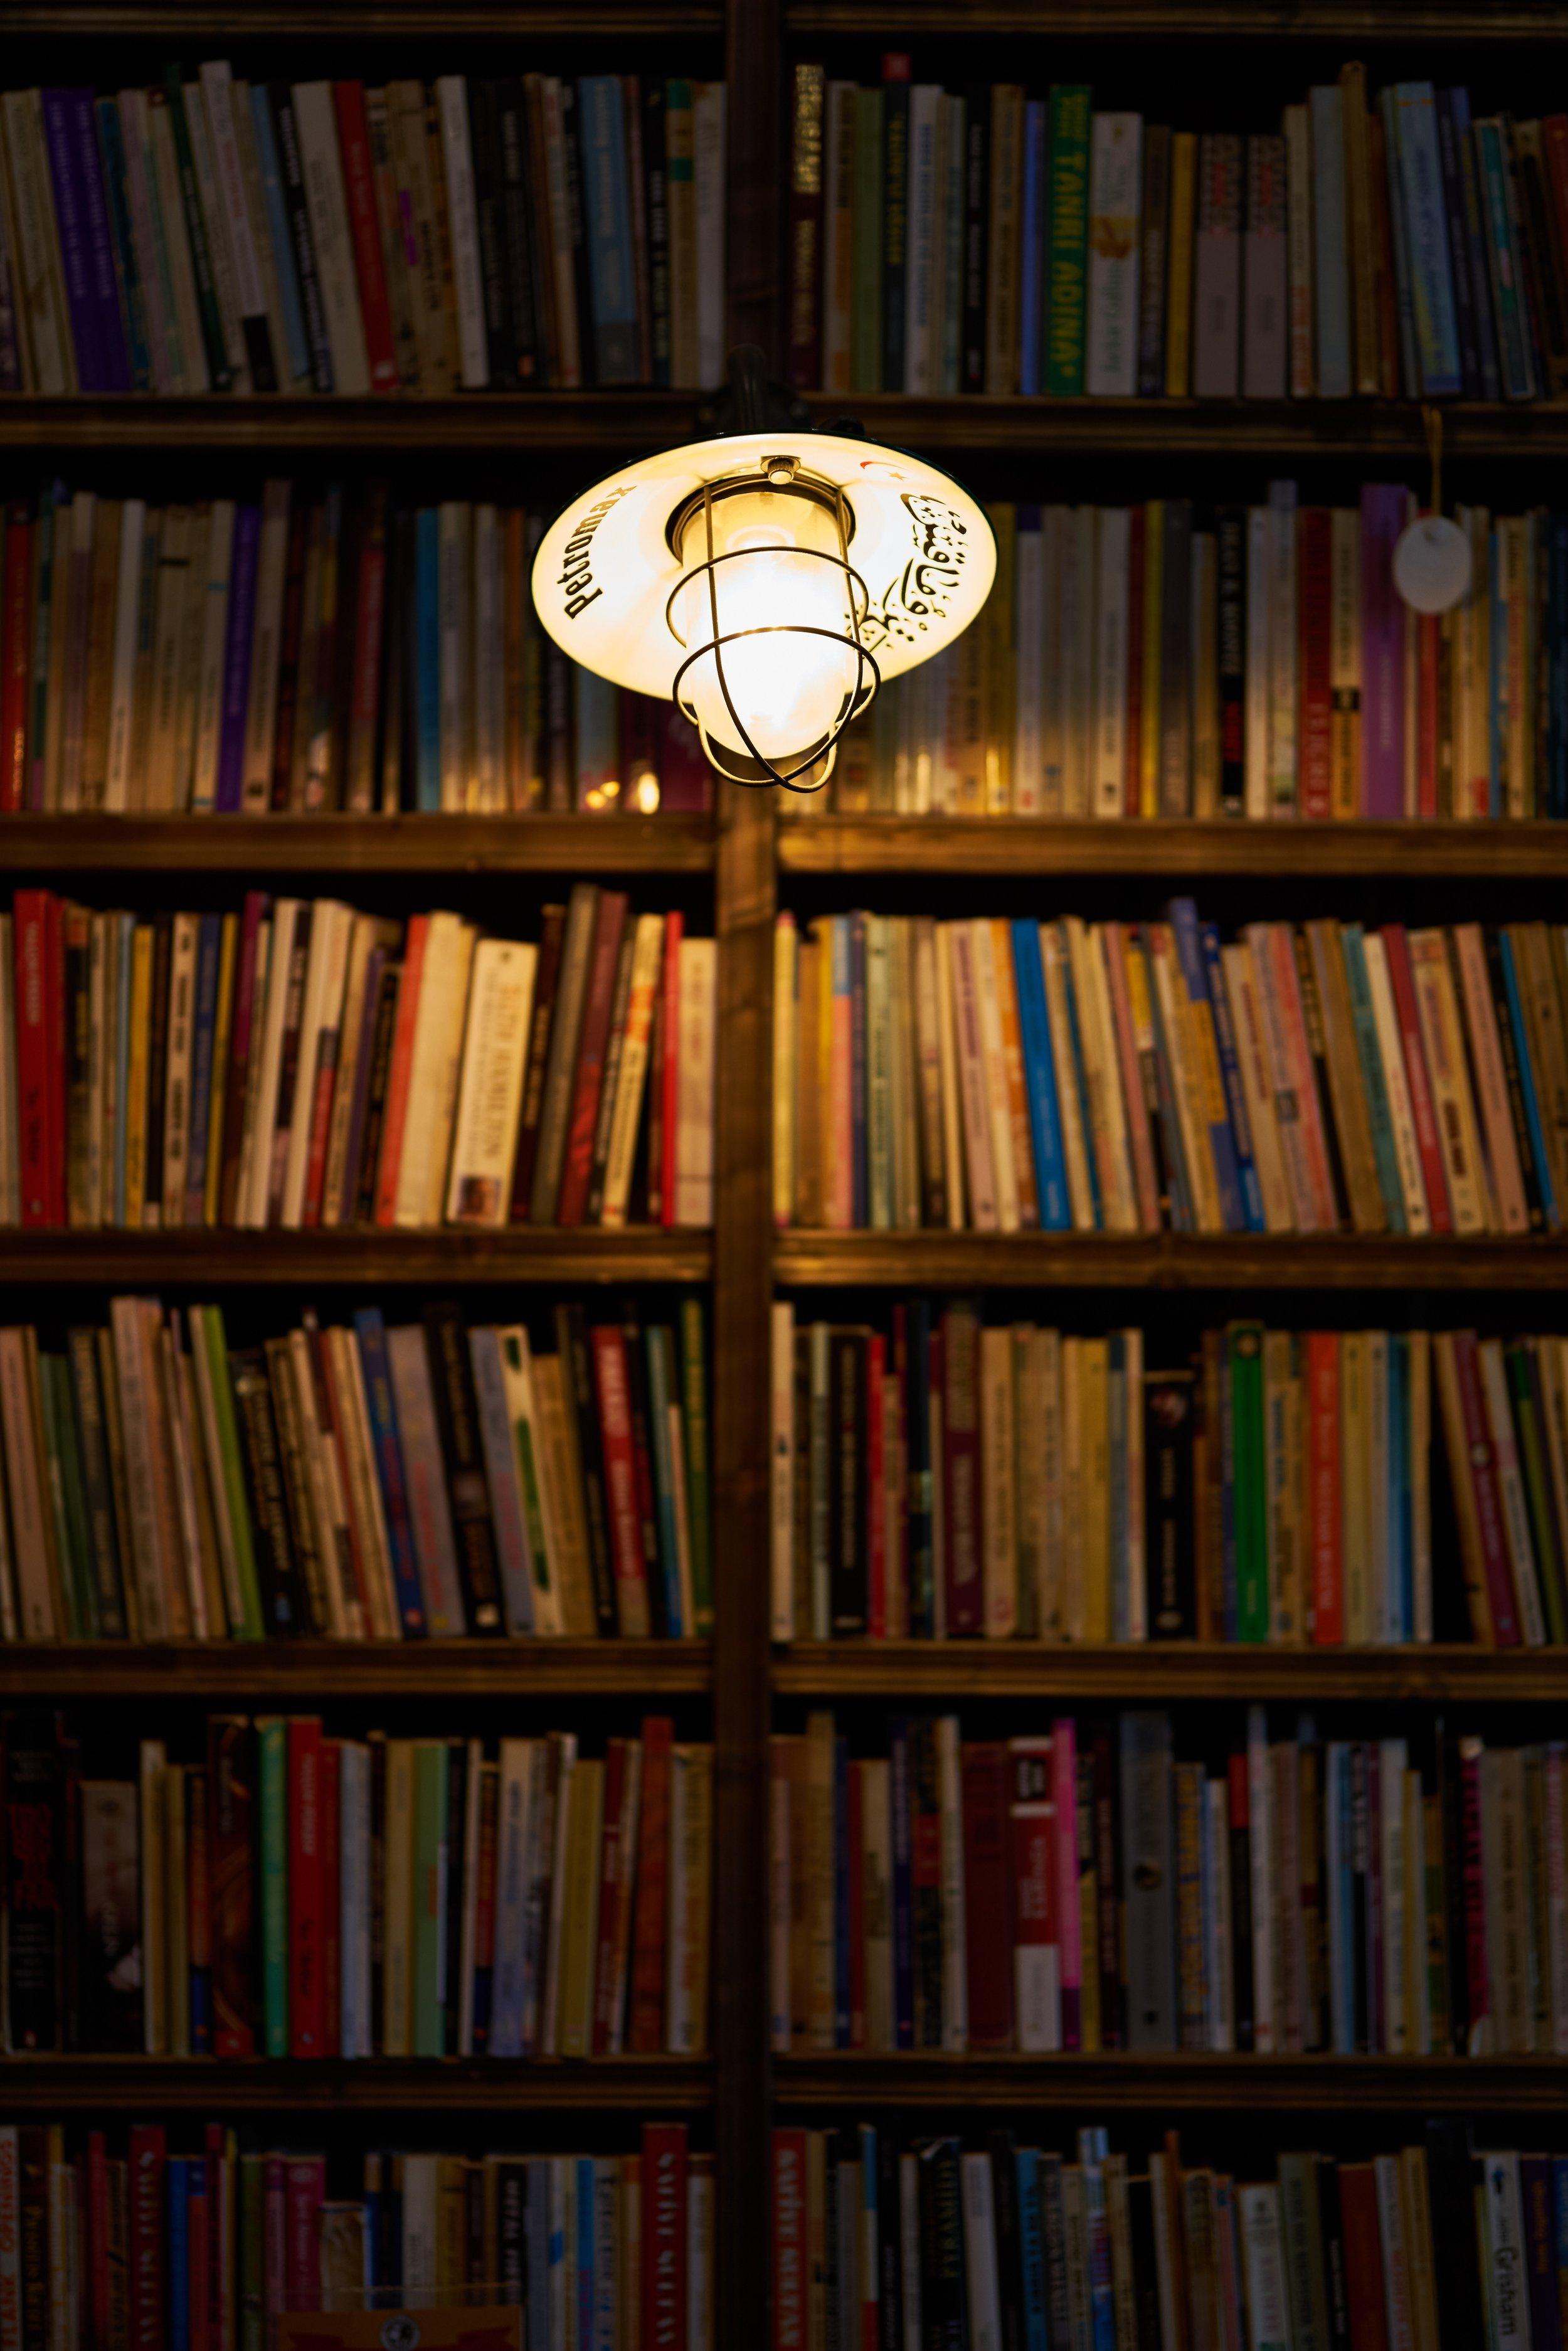 books-bookshelves-bookstore-2767814.jpg